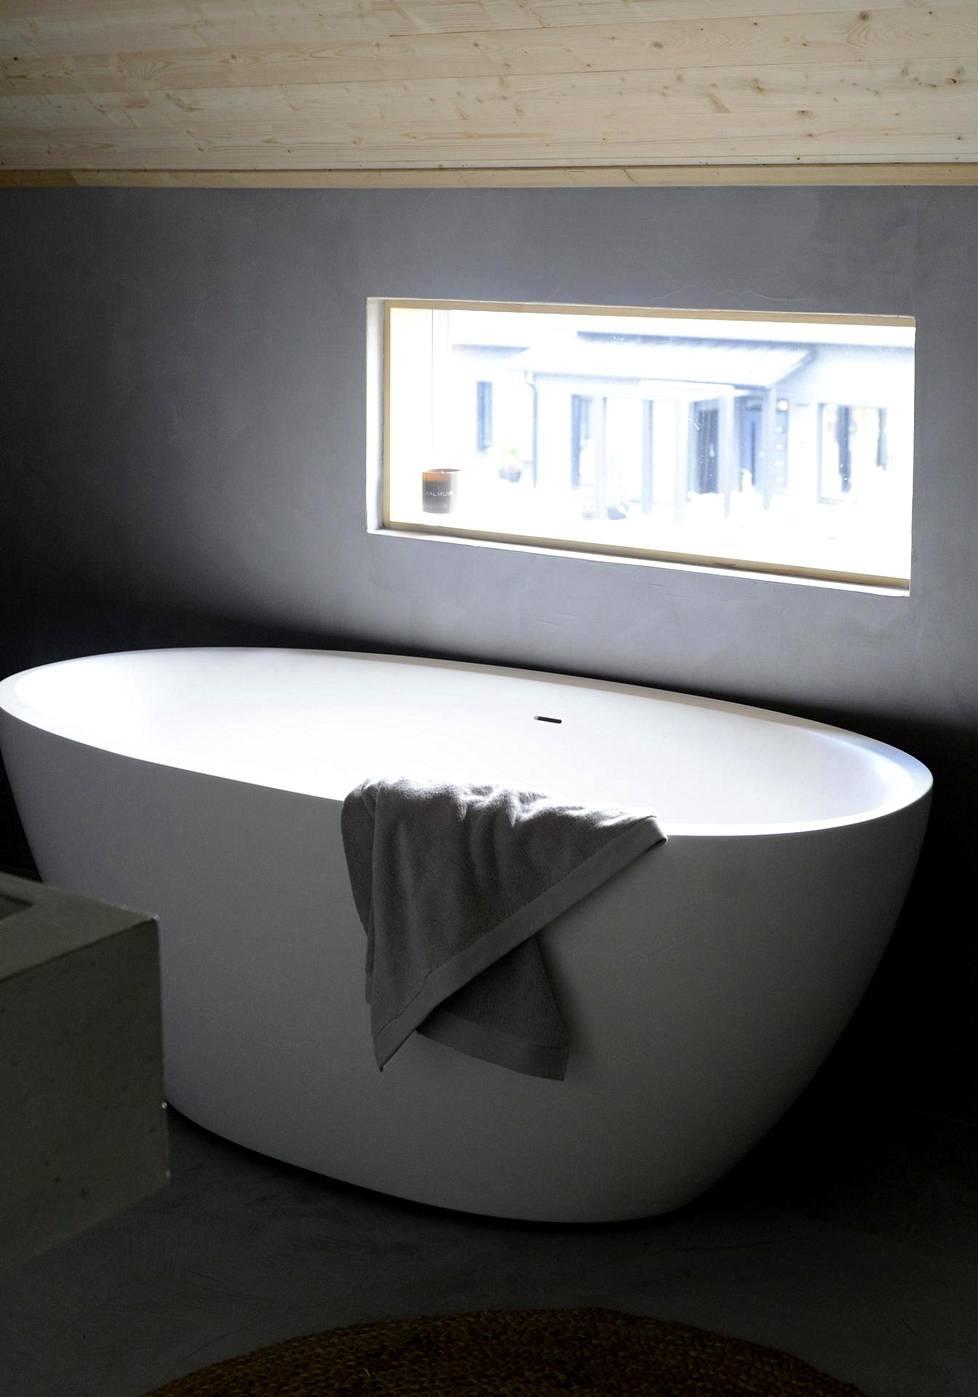 Eleettömän linjakkaat kylpyammeet ovat tulleet kylpyhuoneisiin. Useassa kohteessa ne on sijoitettu ikkunan eteen (kohde: Honka Ink).